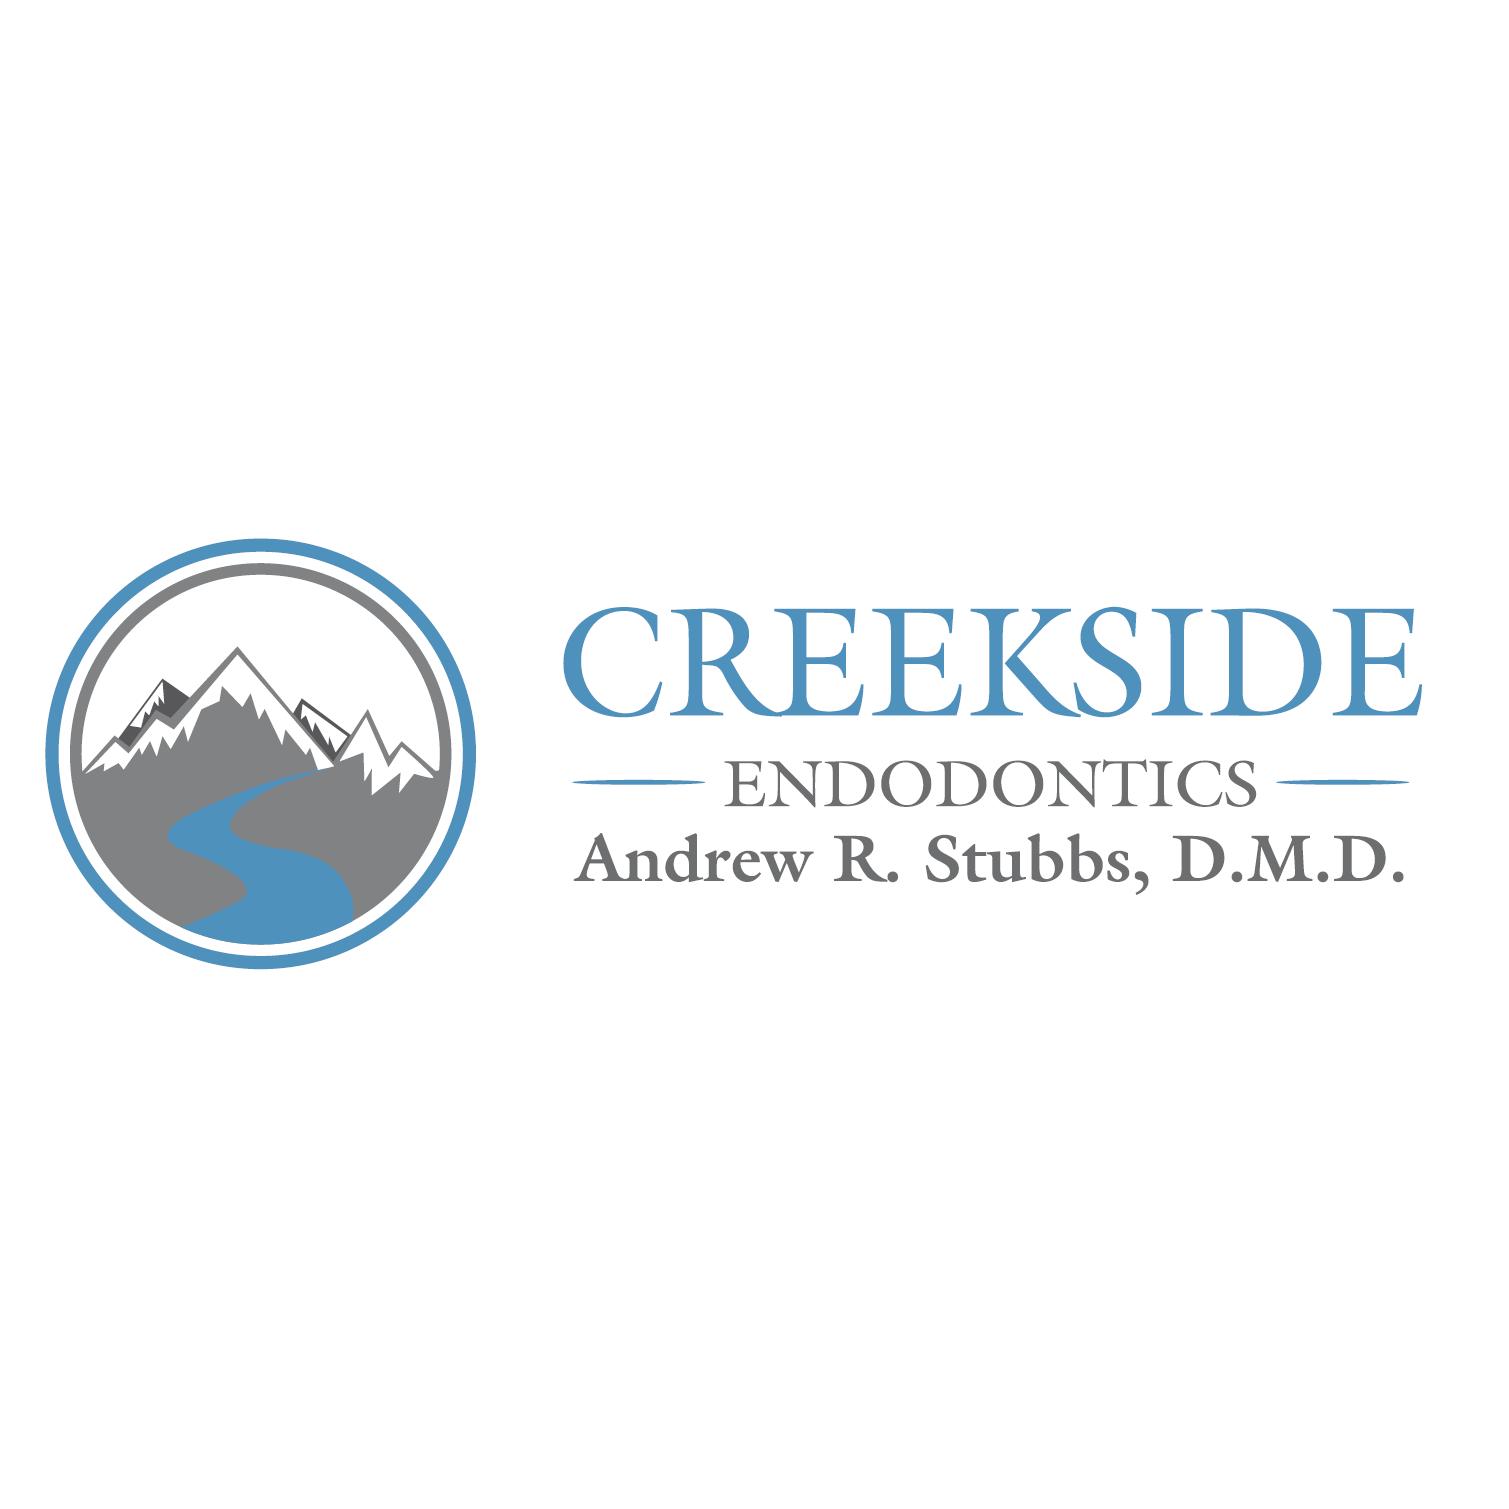 Creekside Endodontics - Andrew R. Stubbs, DMD